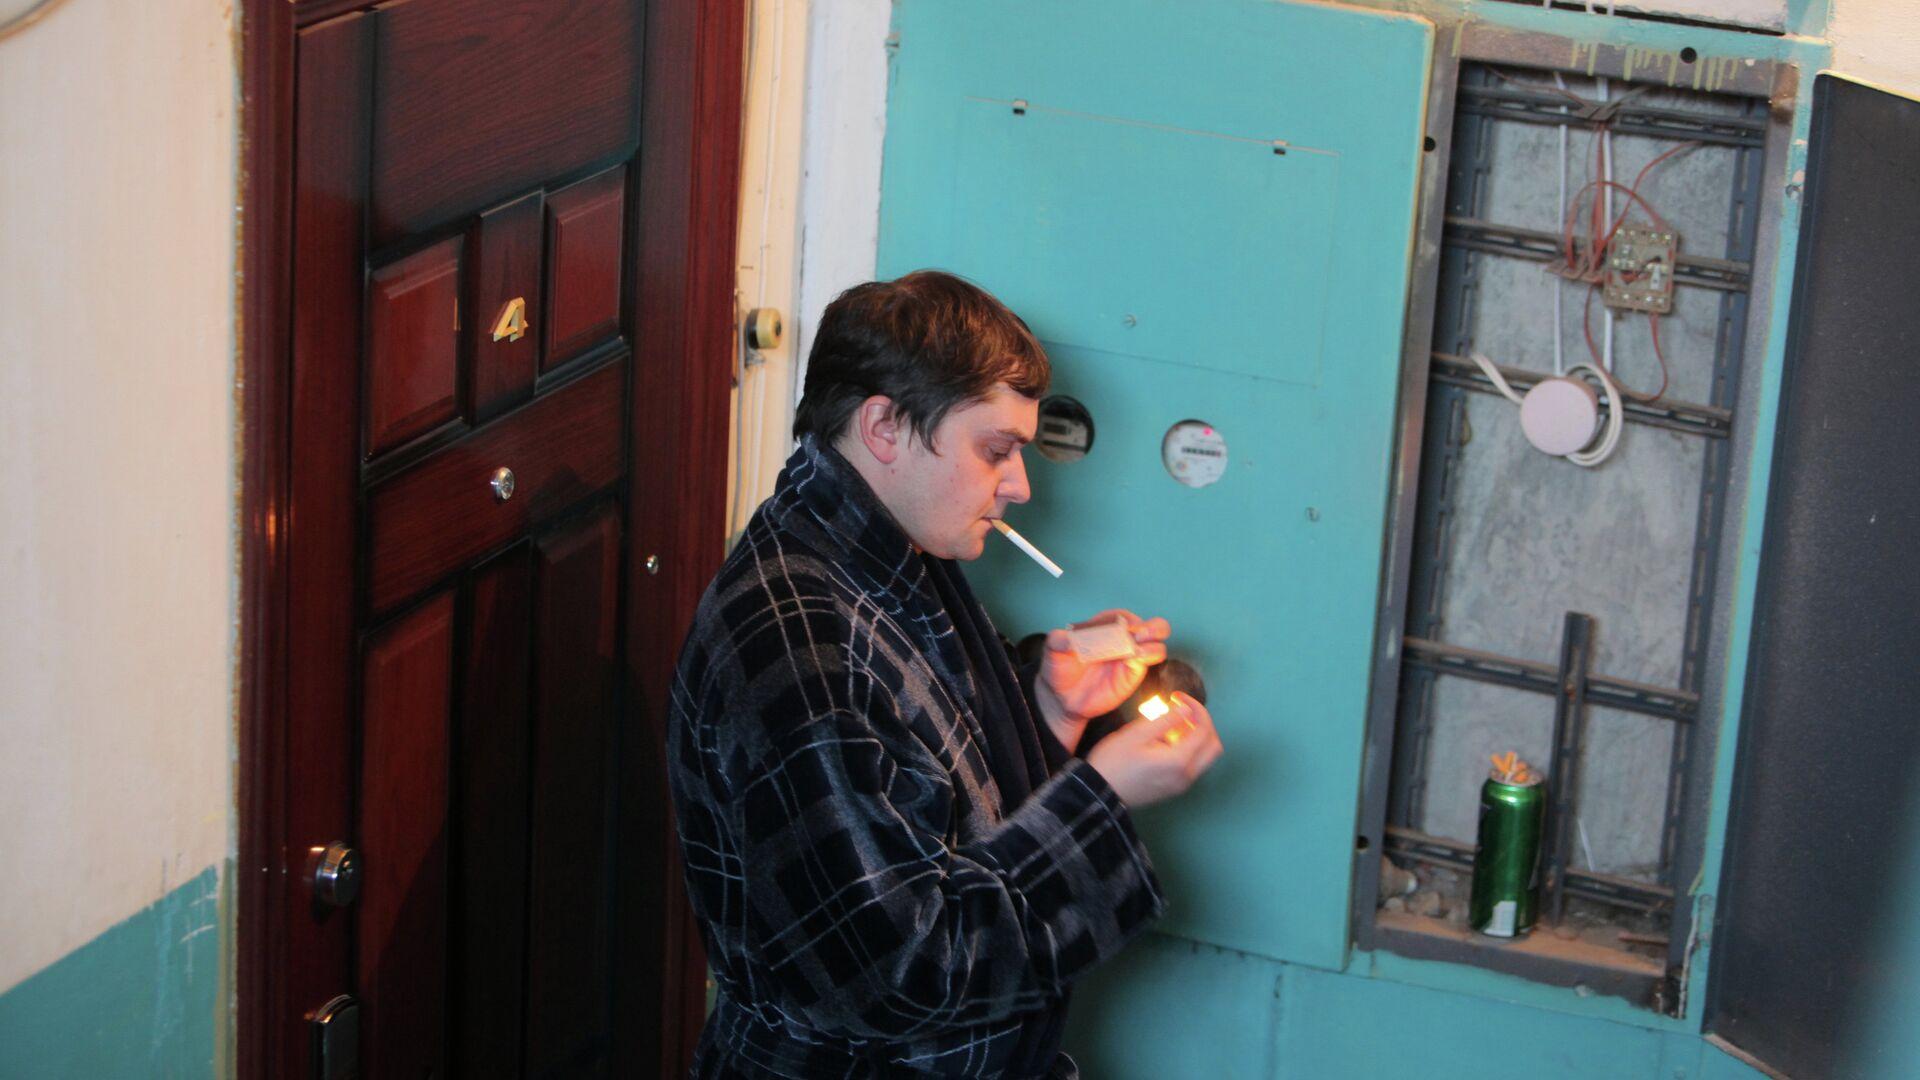 Курение в общественных местах - РИА Новости, 1920, 28.07.2021